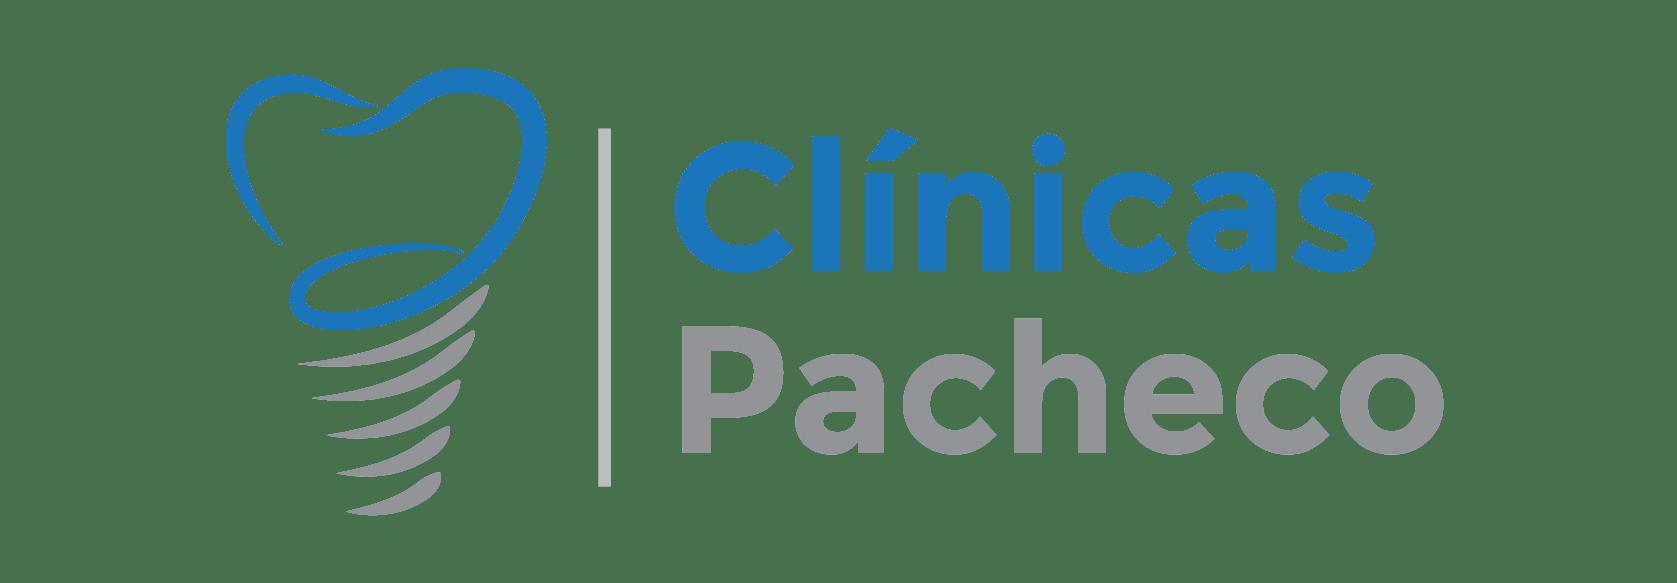 Clínica Dr Jorge Pacheco